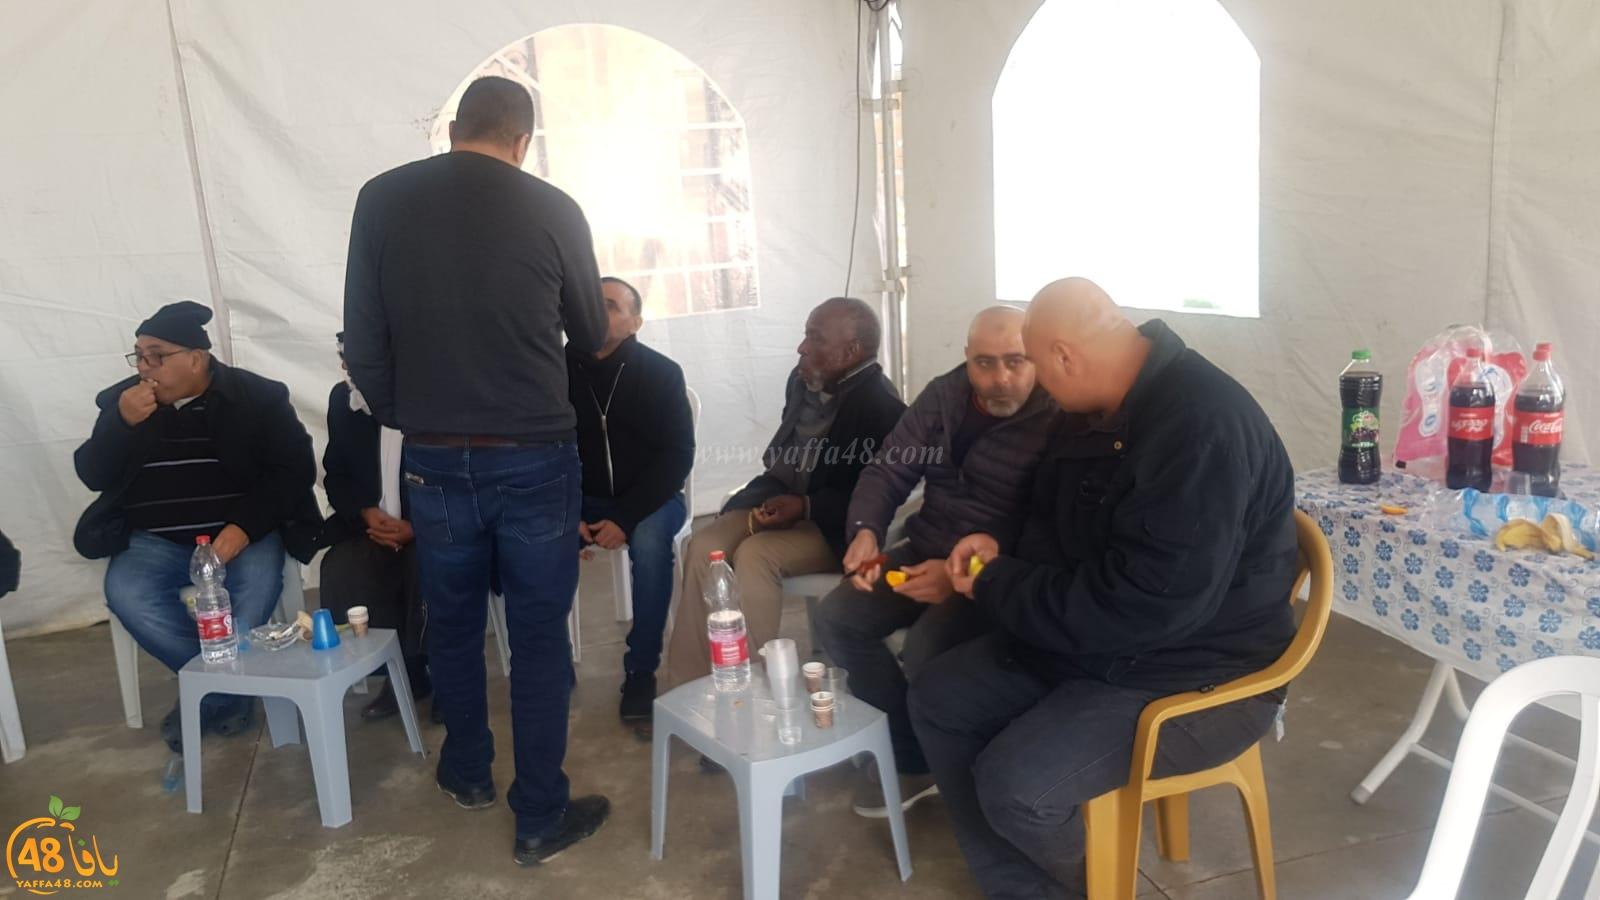 اللد: عقد راية الصلح بين عائلتي أبو لبن وأبو المغاصيب